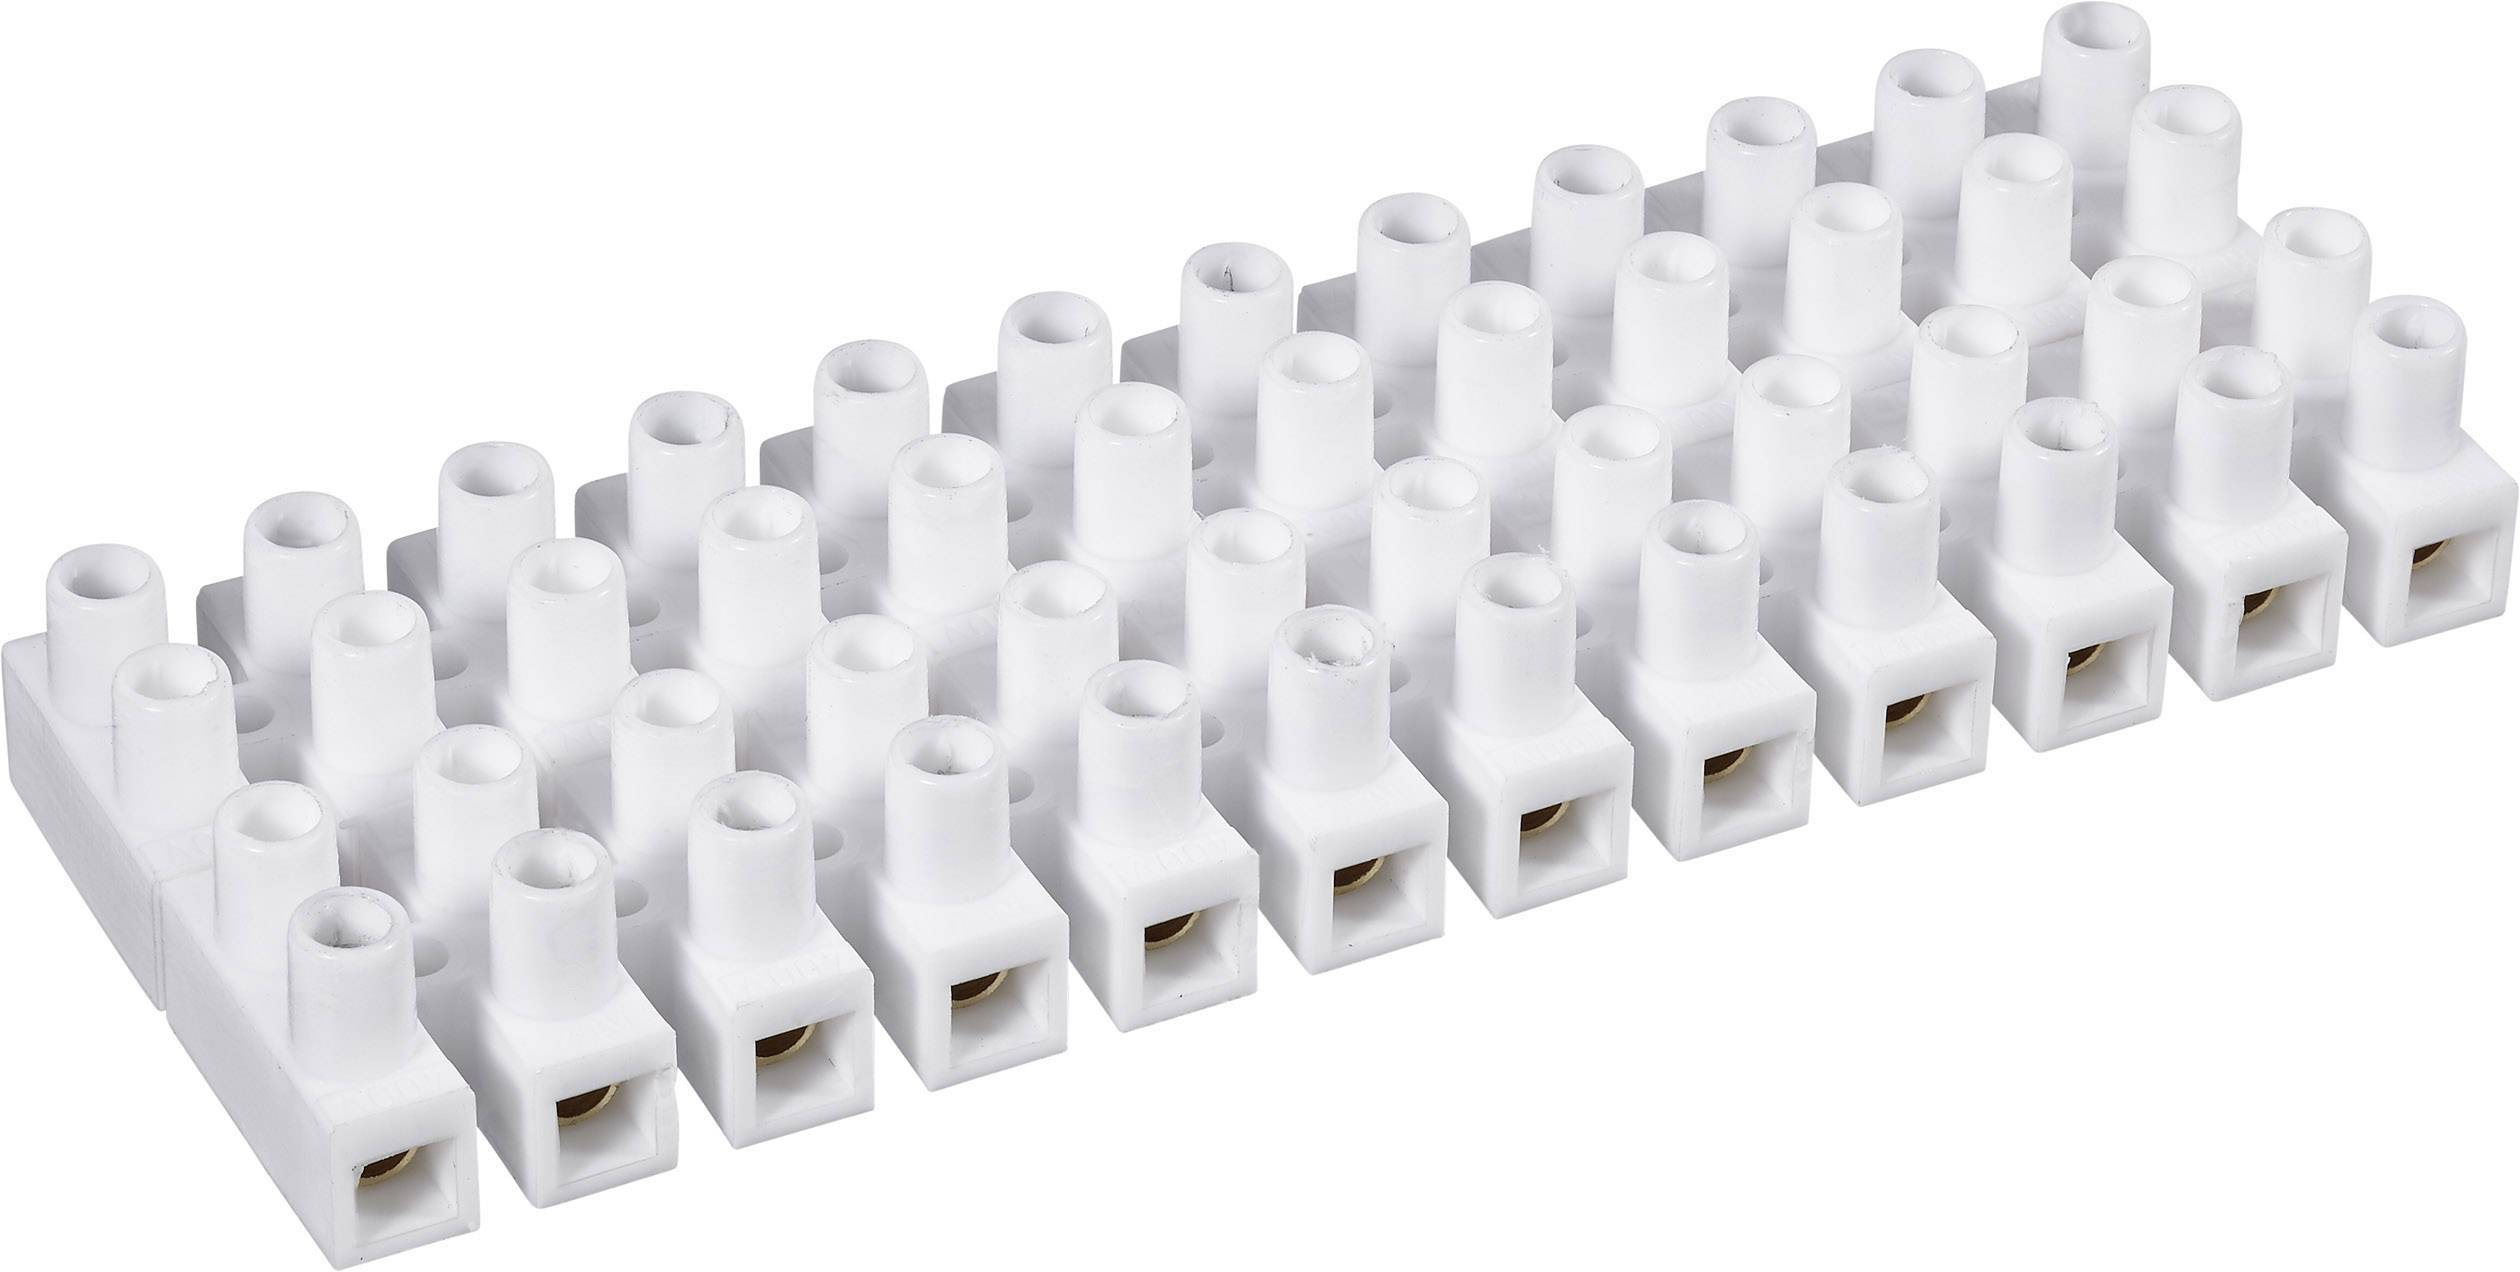 Svietidlové svorky 610836 na kábel s rozmerom 1.5-2.5 mm², tuhosť 1.5-2.5 mm², počet pinov 12, 1 ks, biela